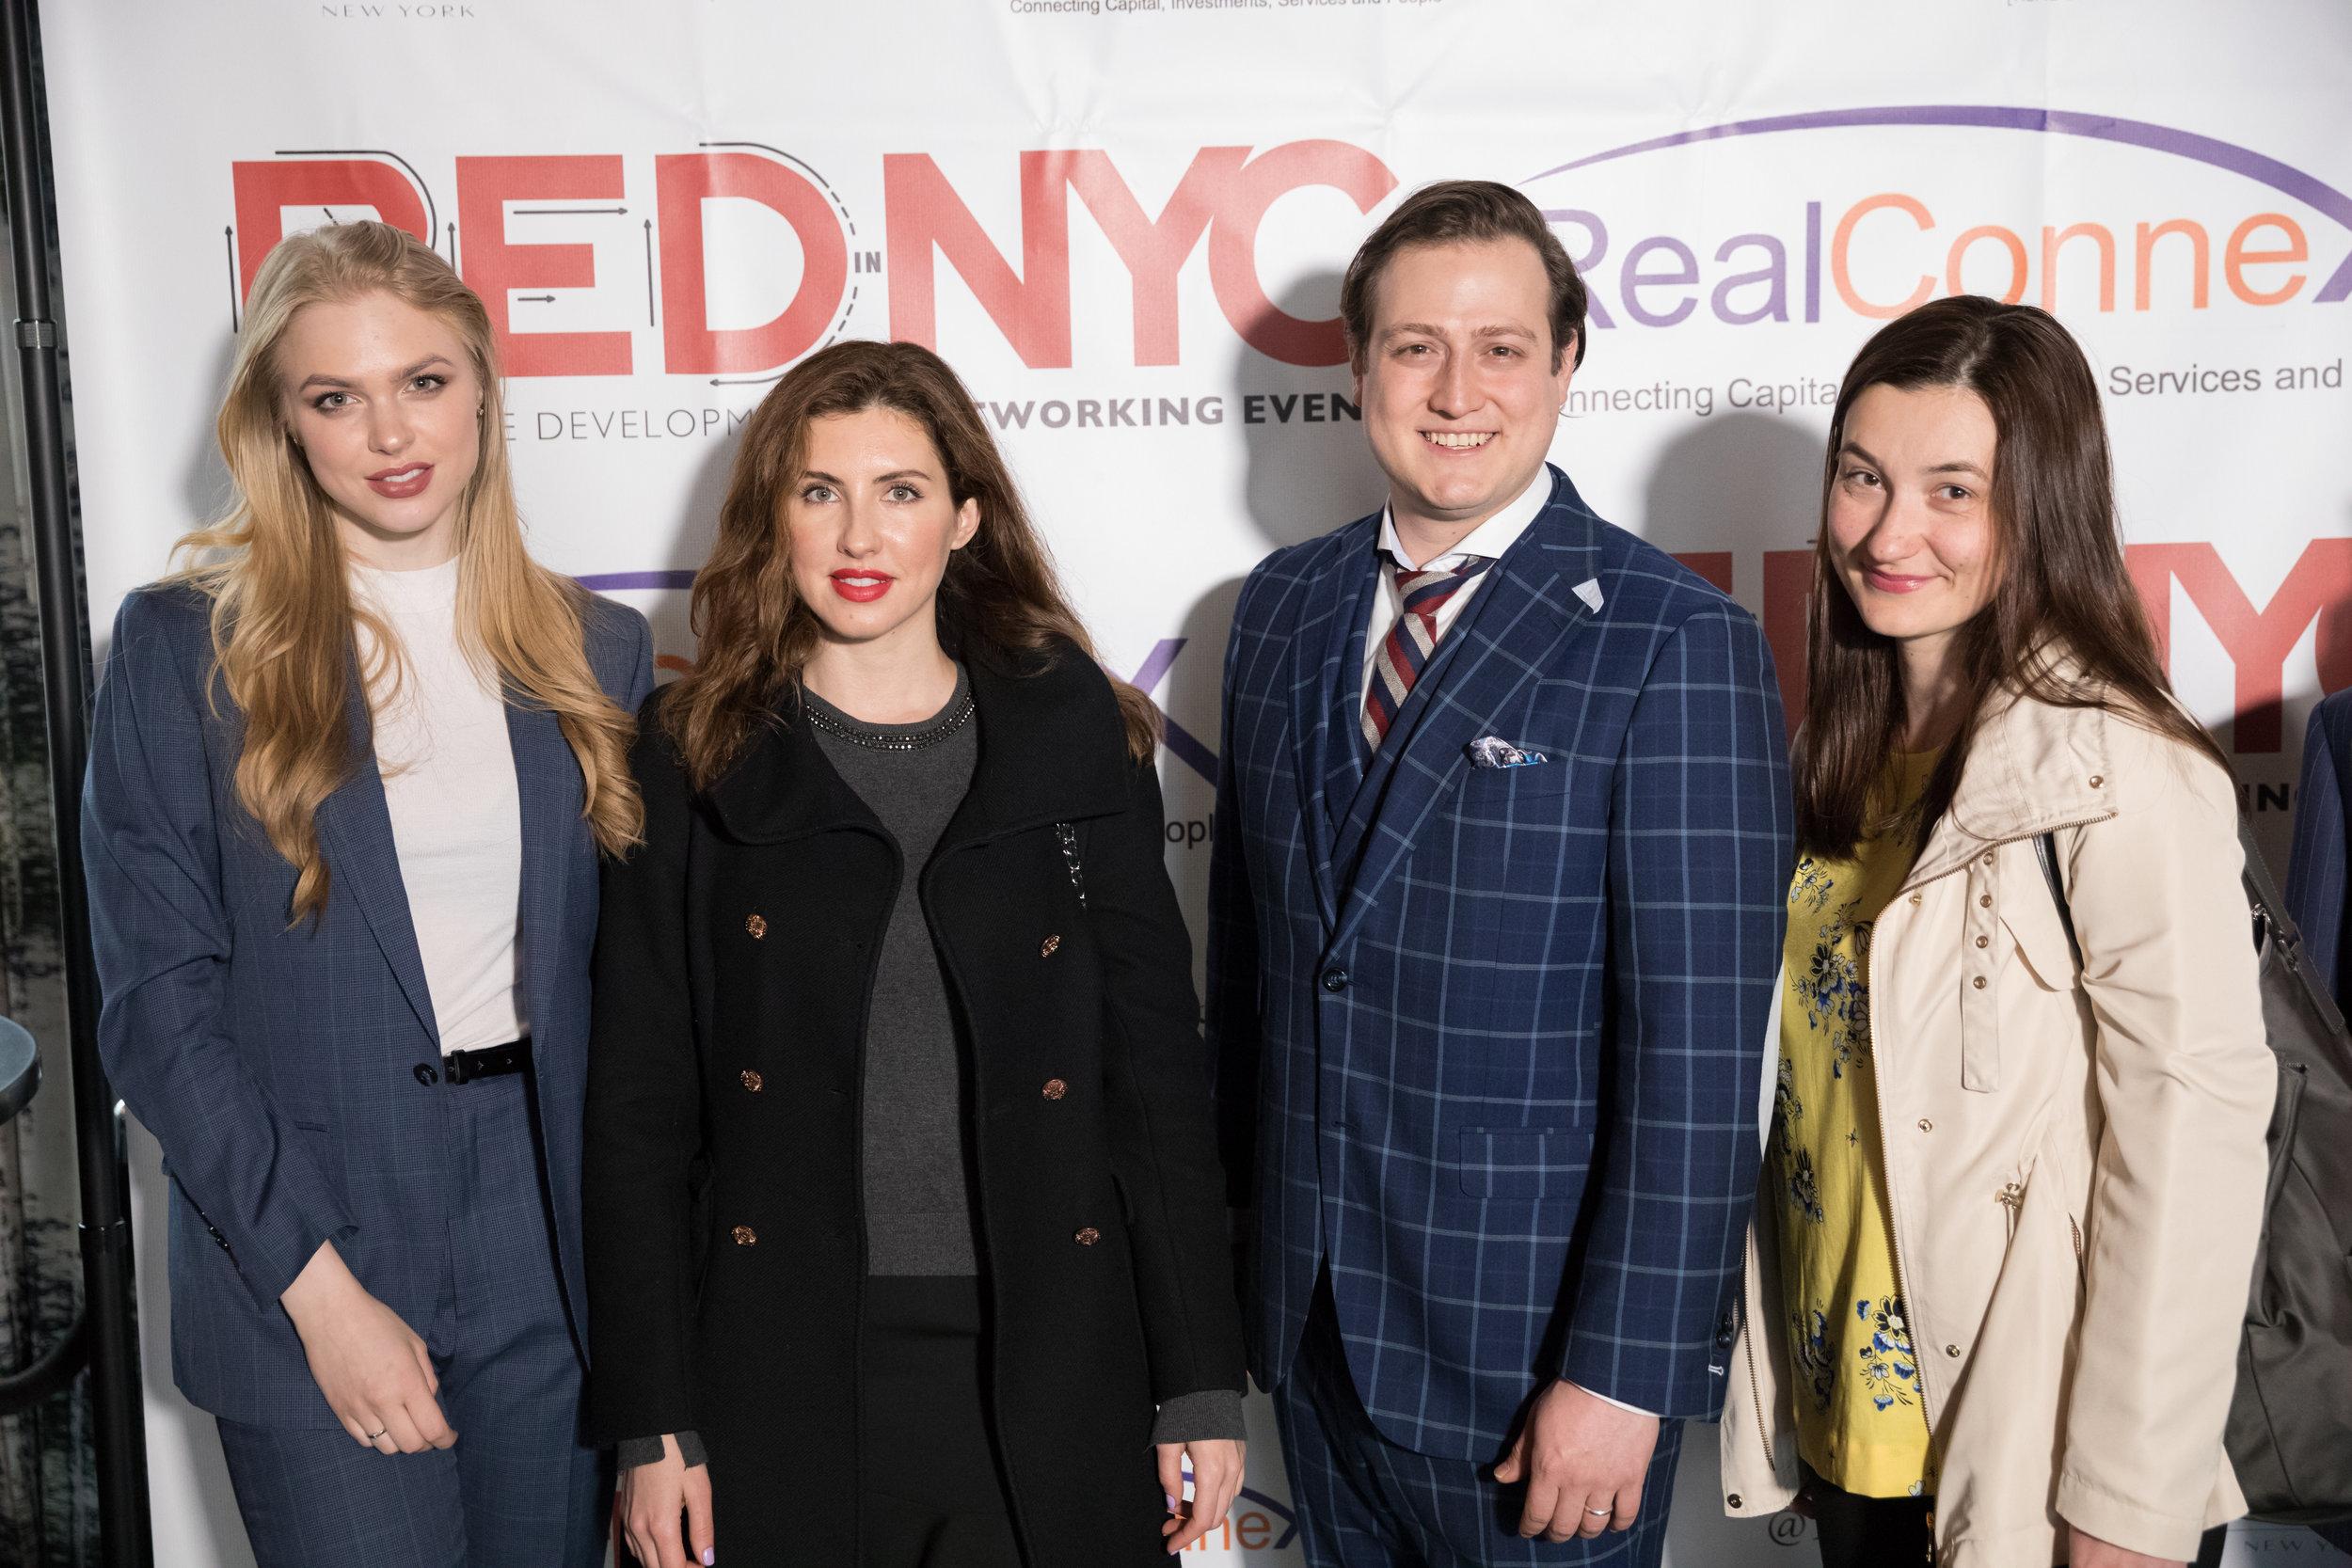 REDinNYC - March 29, 2018